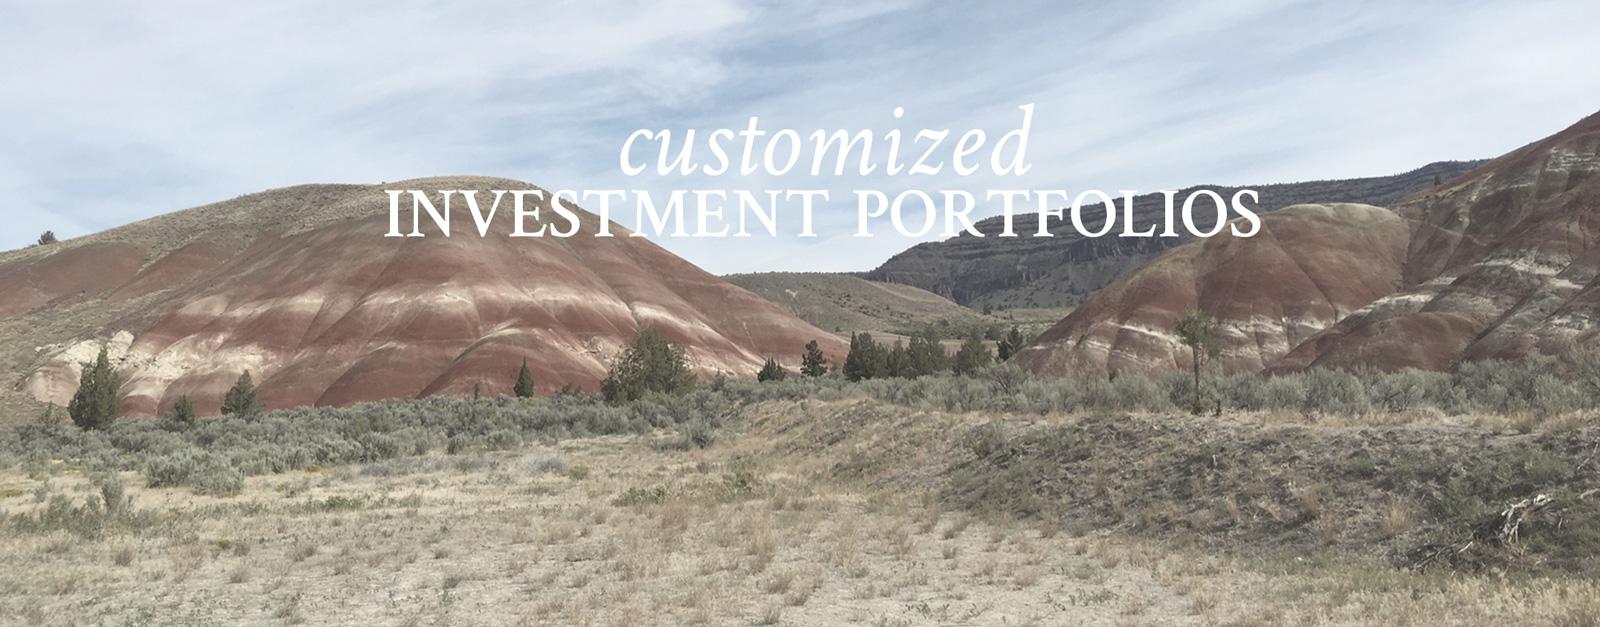 Customized Investment Portfolios